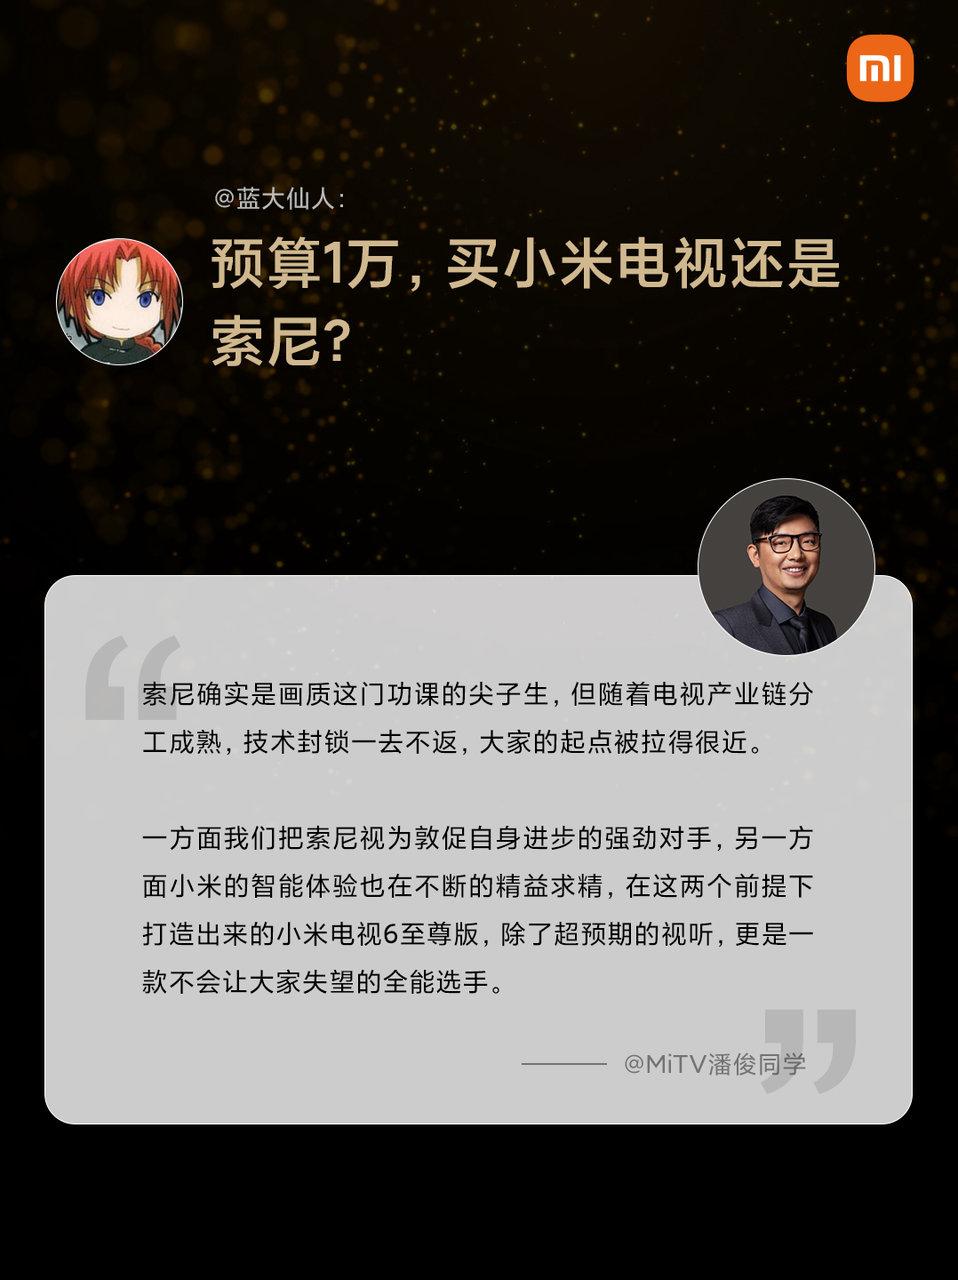 对标索尼!小米潘俊表示小米电视6至尊版超乎预期